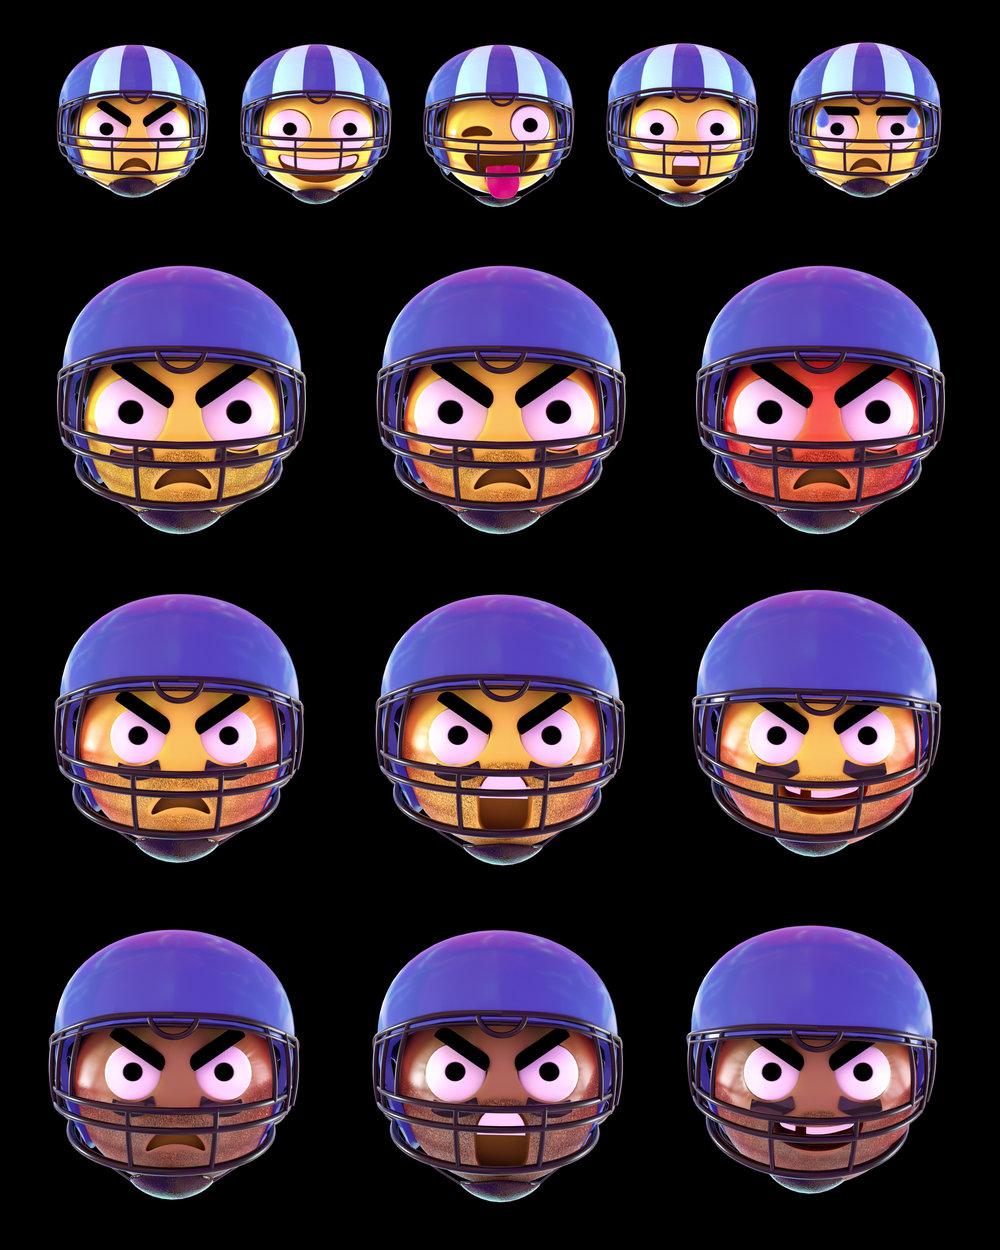 Emoji_lineup2.jpg